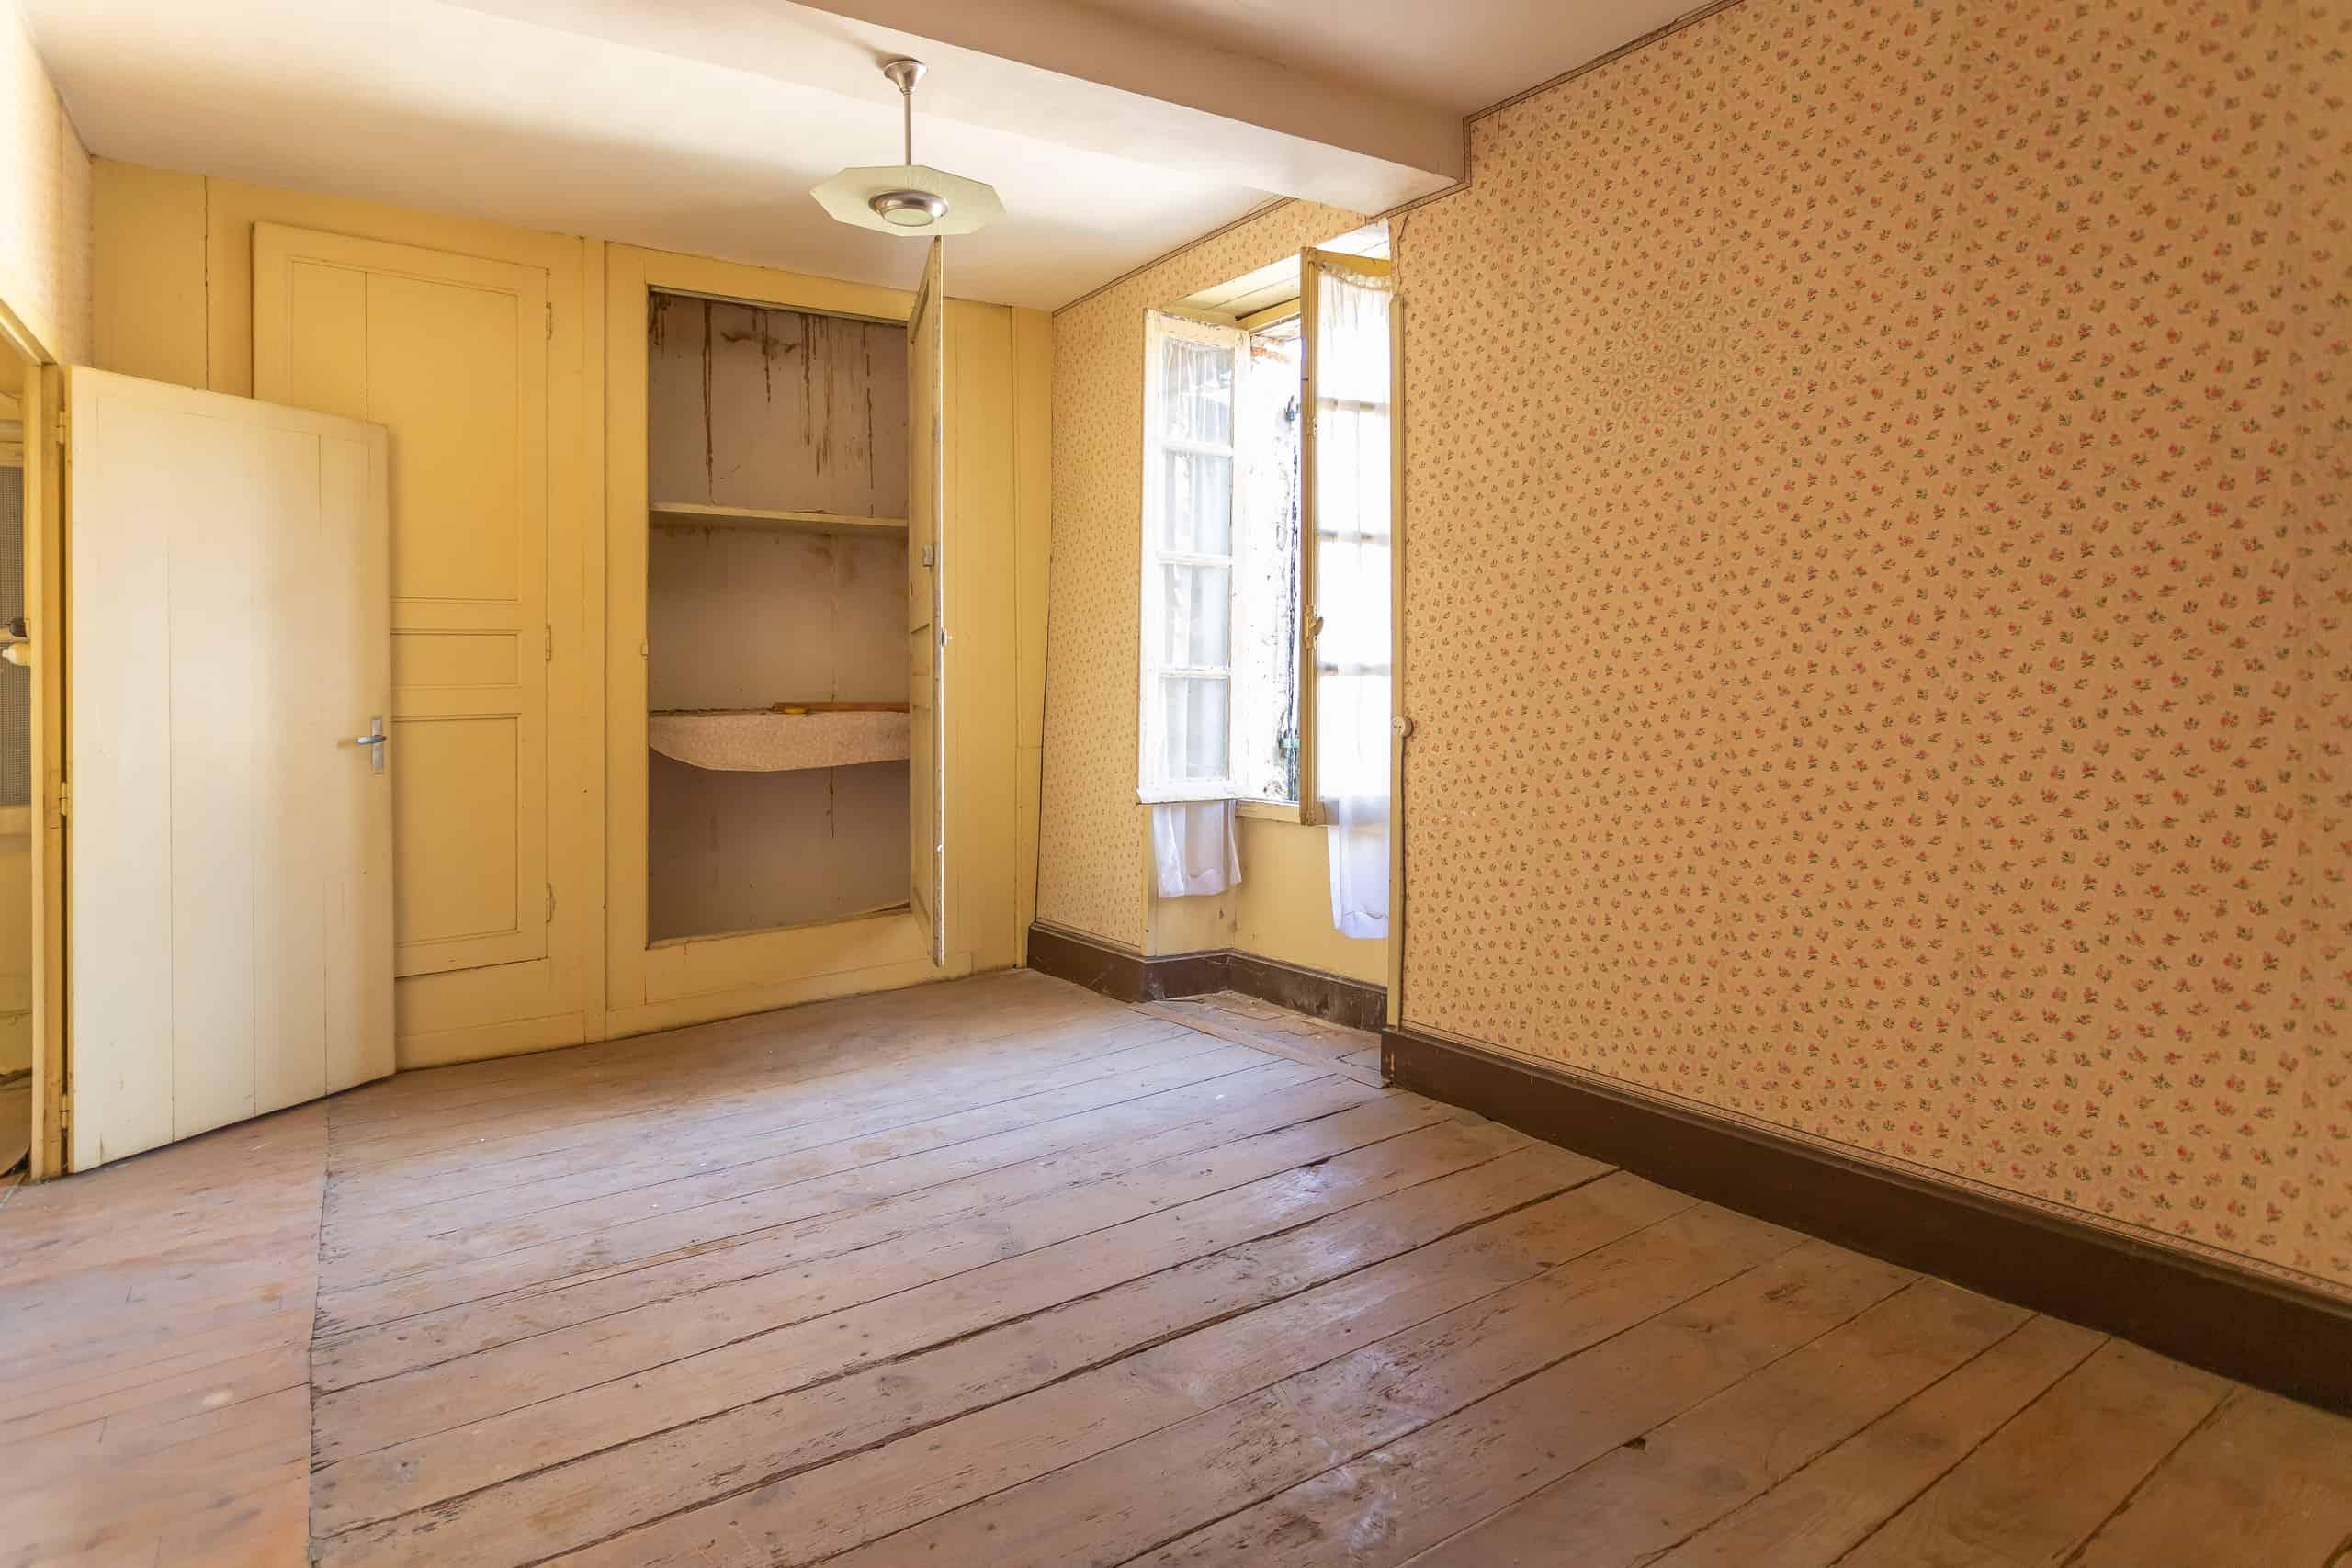 Bedroom-WMC021